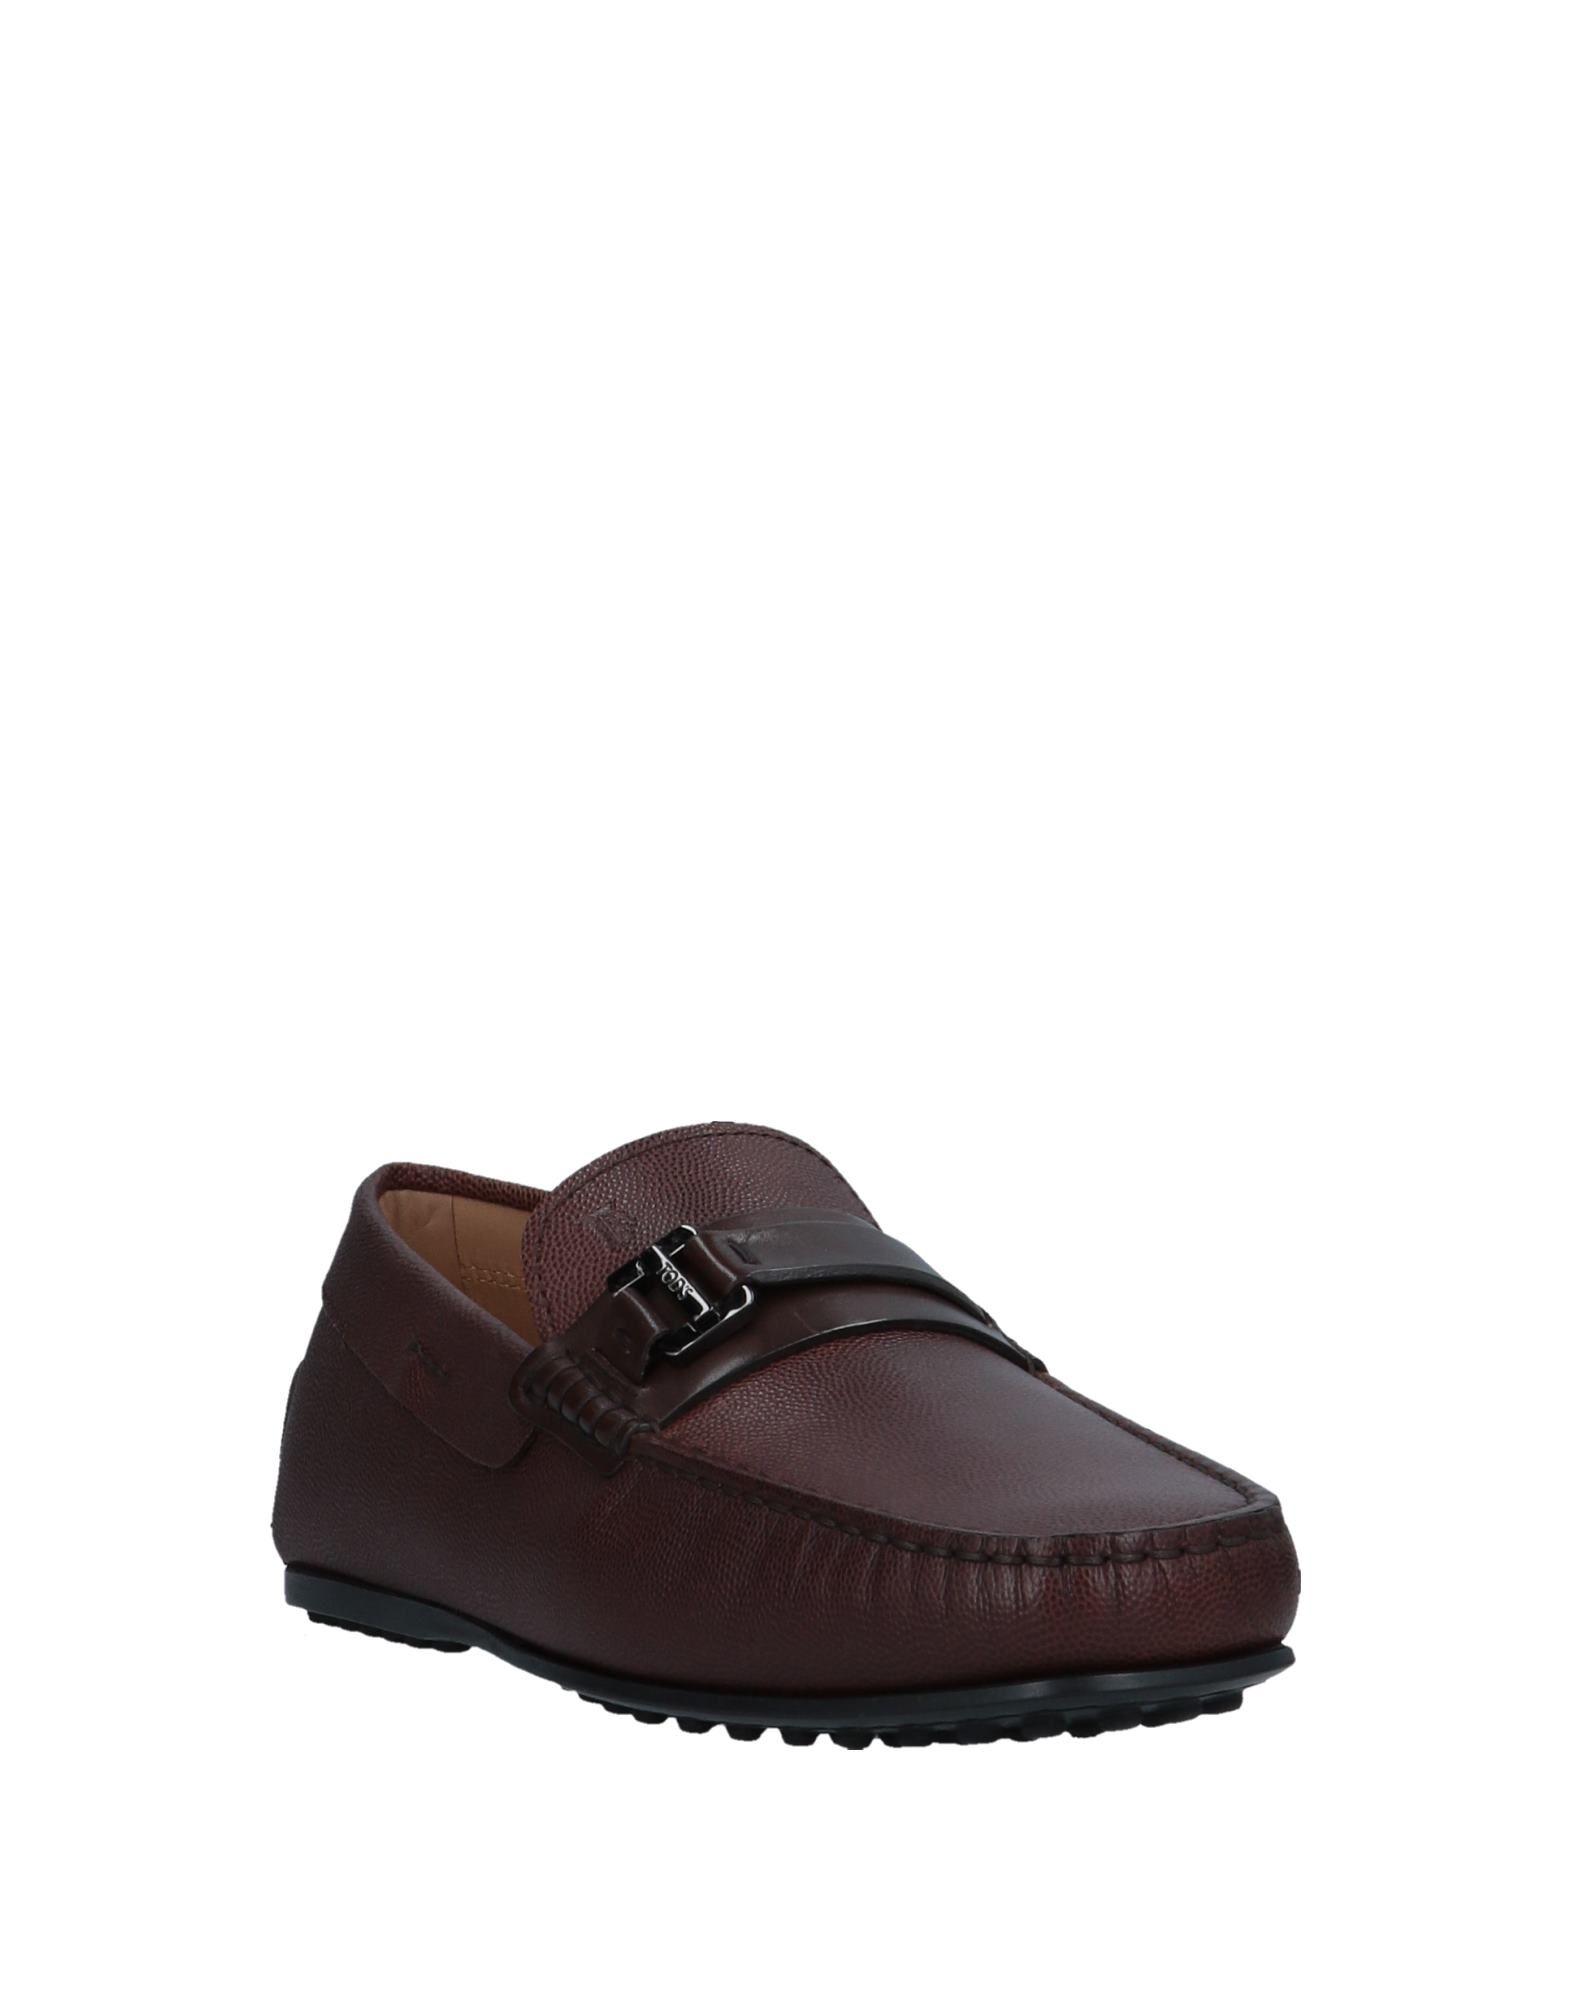 Tod's Gute Mokassins Herren  11541288UA Gute Tod's Qualität beliebte Schuhe 13ecbc